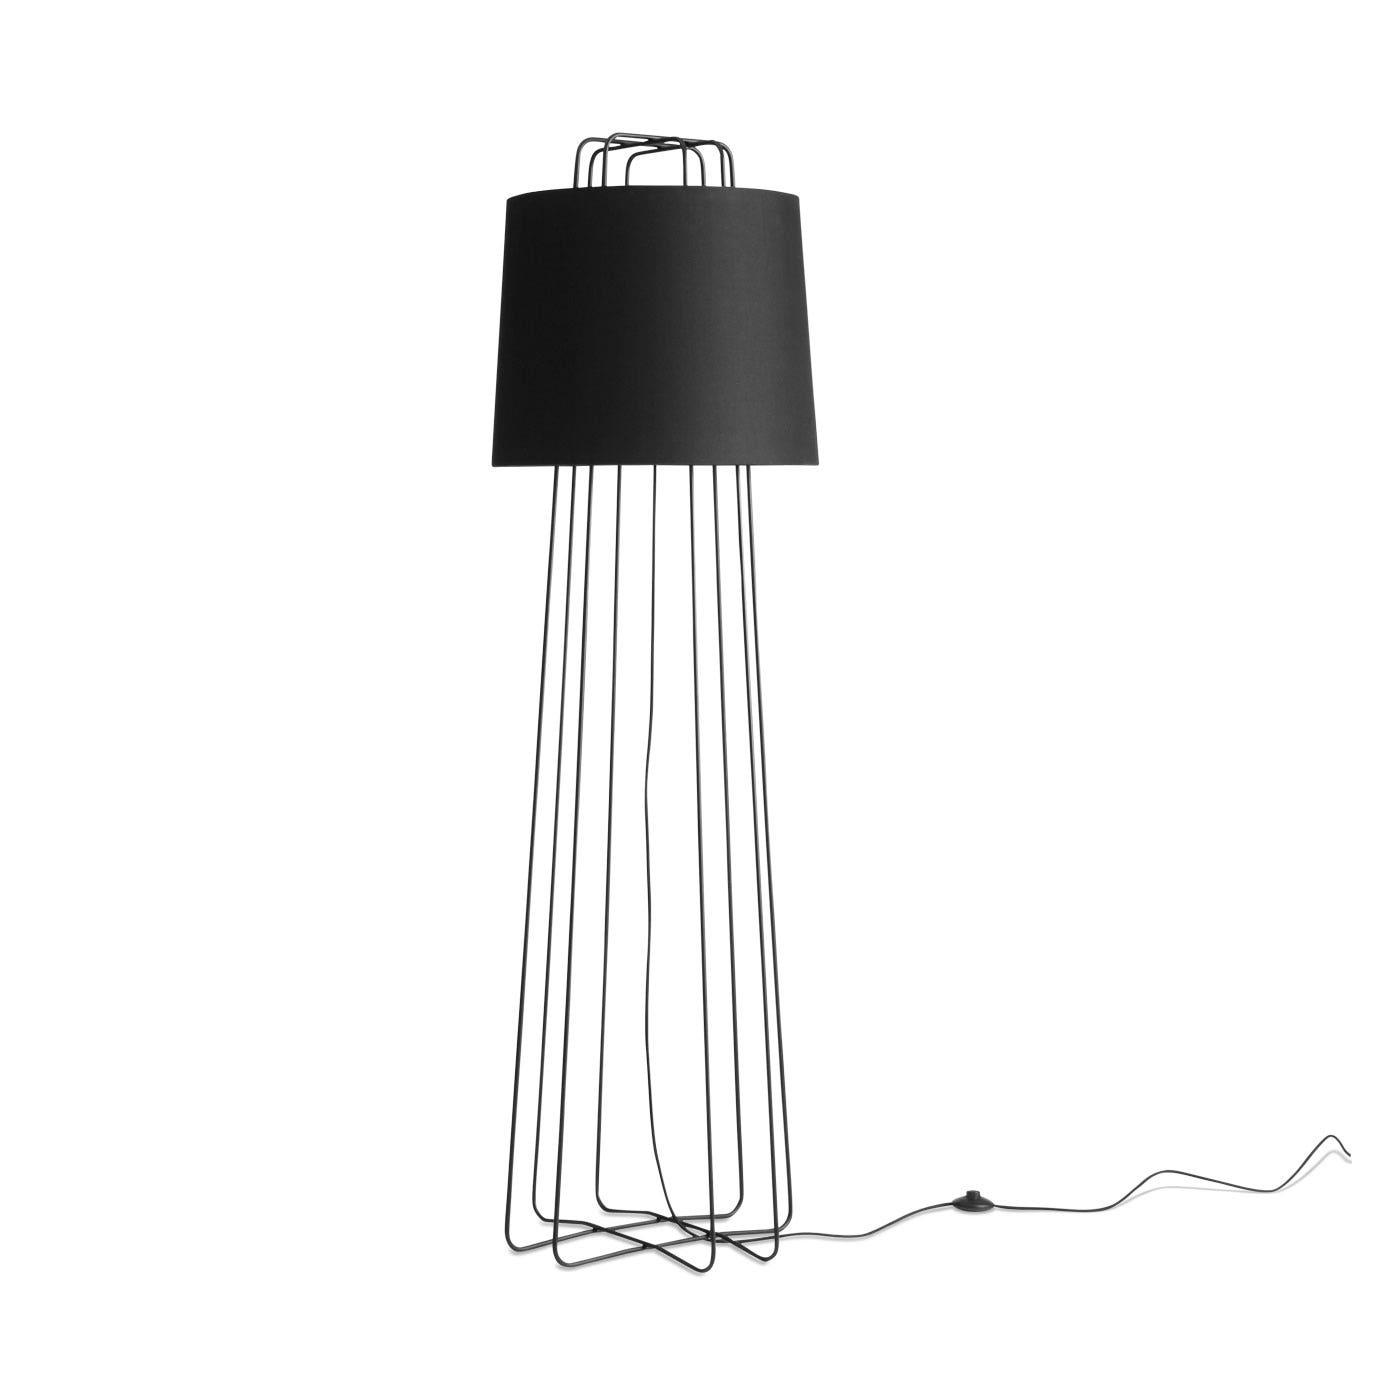 Perimeter Floor Lamp - Modern Lamps - Blu Dot